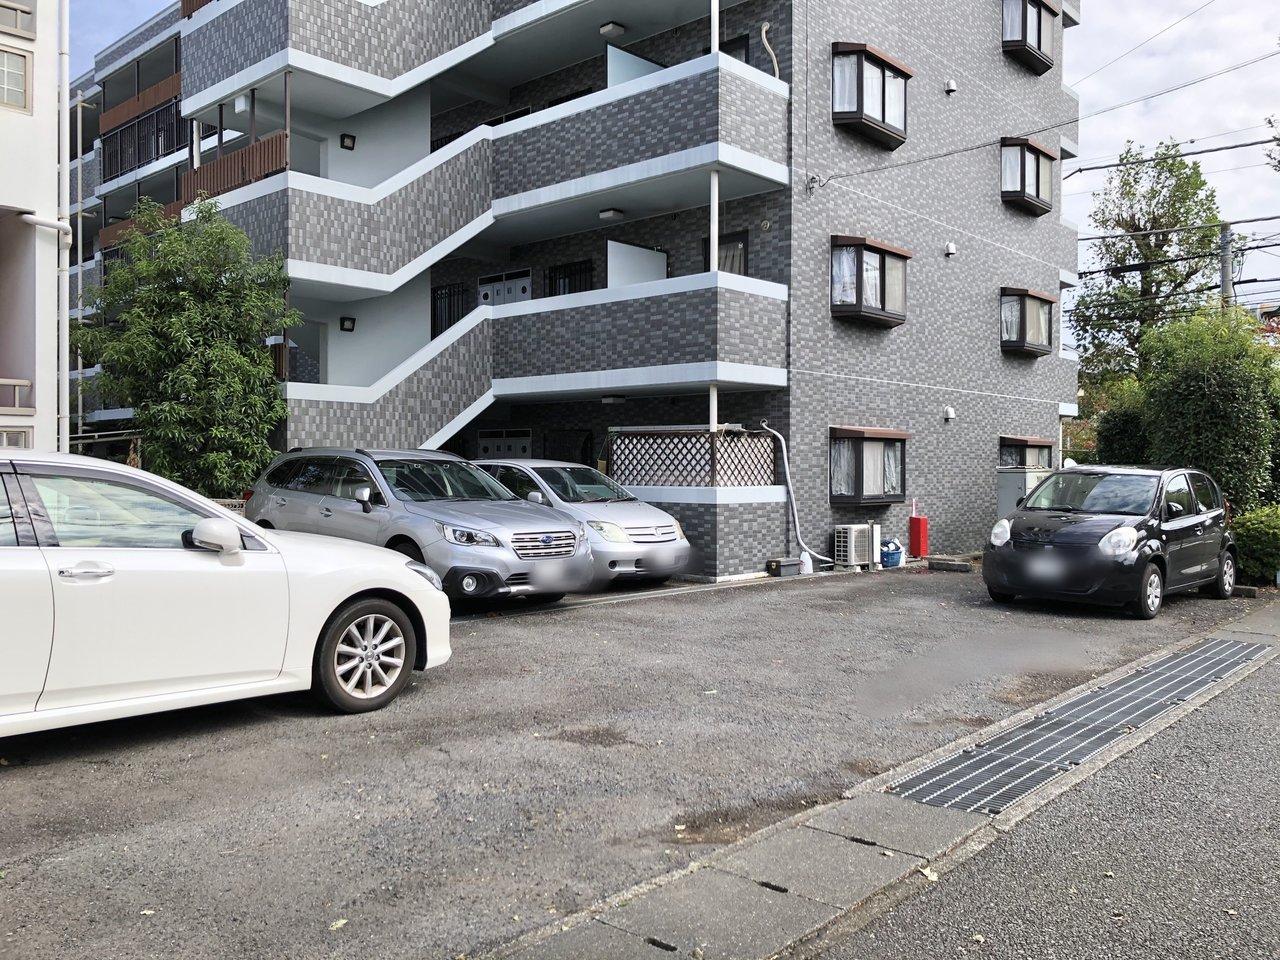 マンション下に駐車場もありますよ。車を持つお二人にぜひおすすめしたいです。休日は電車を利用せずに、気ままにドライブが好き、なんていいですね~!(使用する場合は空き確認をお忘れなく!)